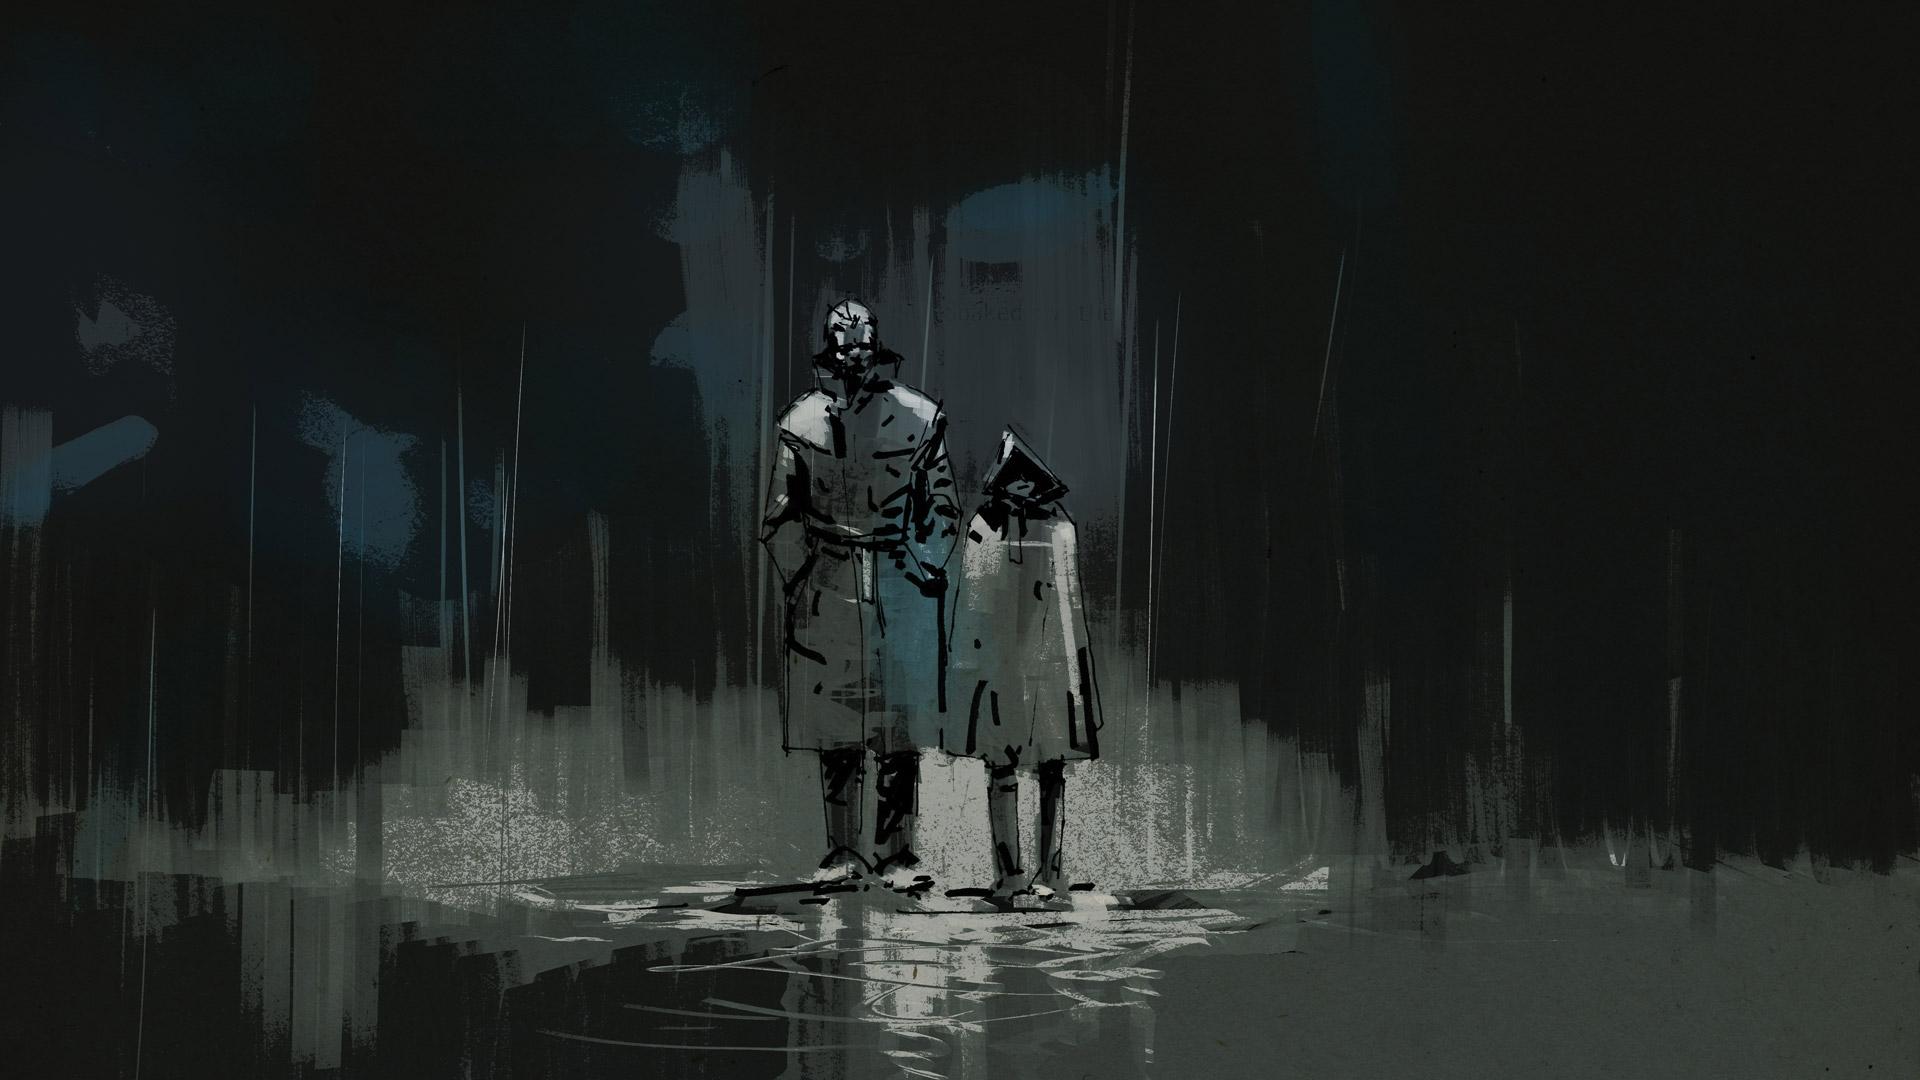 Metal Gear Solid Peace Walker wallpaper 6